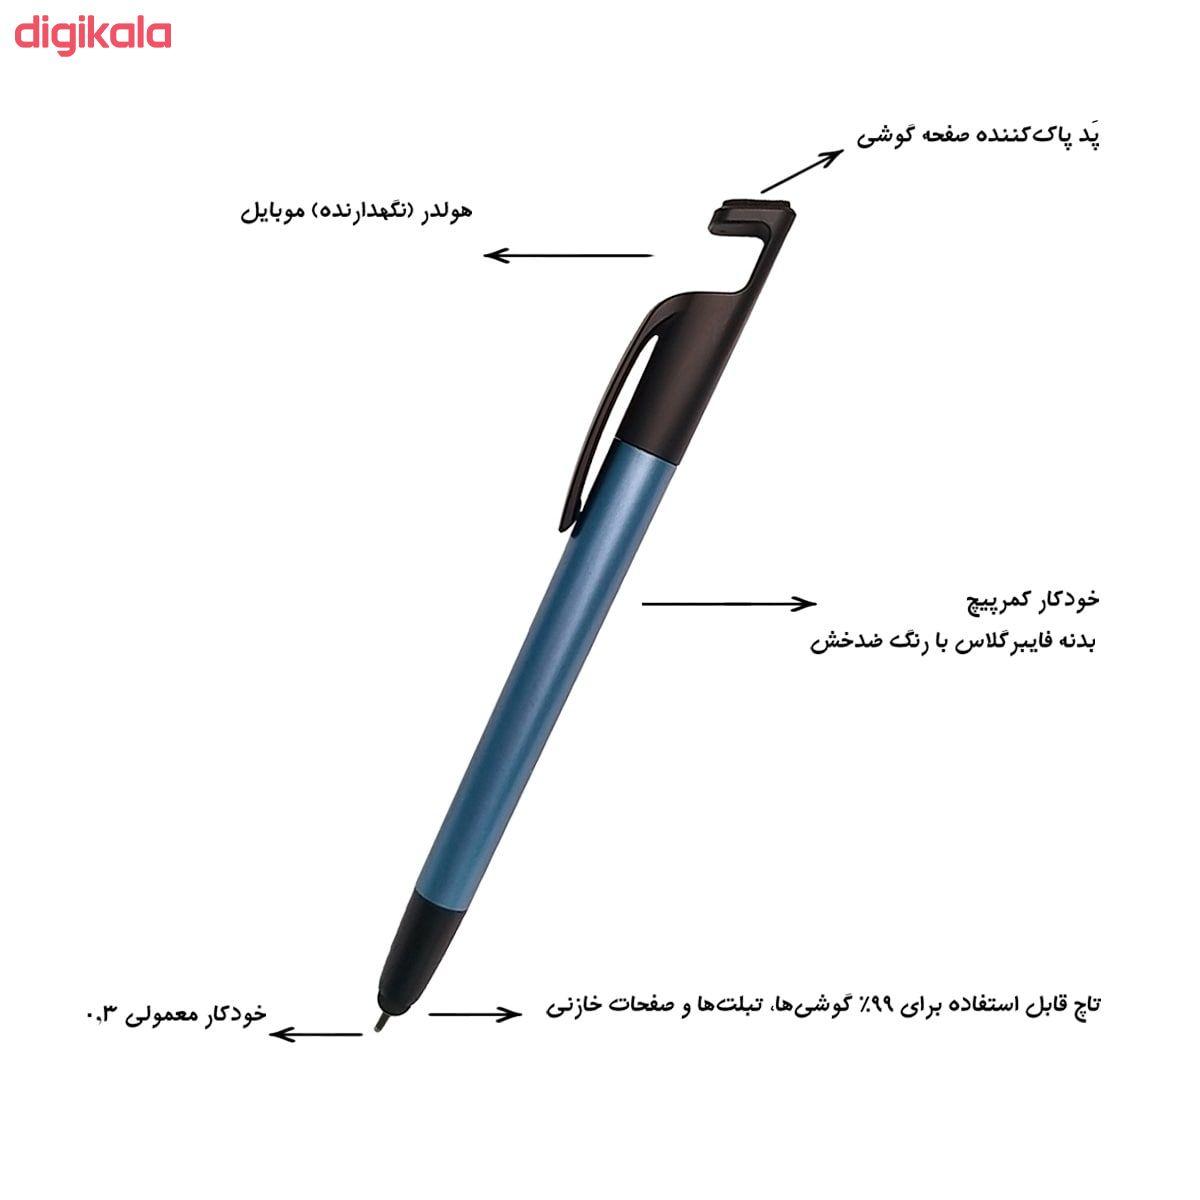 قلم لمسی و پایه نگهدارنده موبایل مدل SKJMRJNQ002369 main 1 13